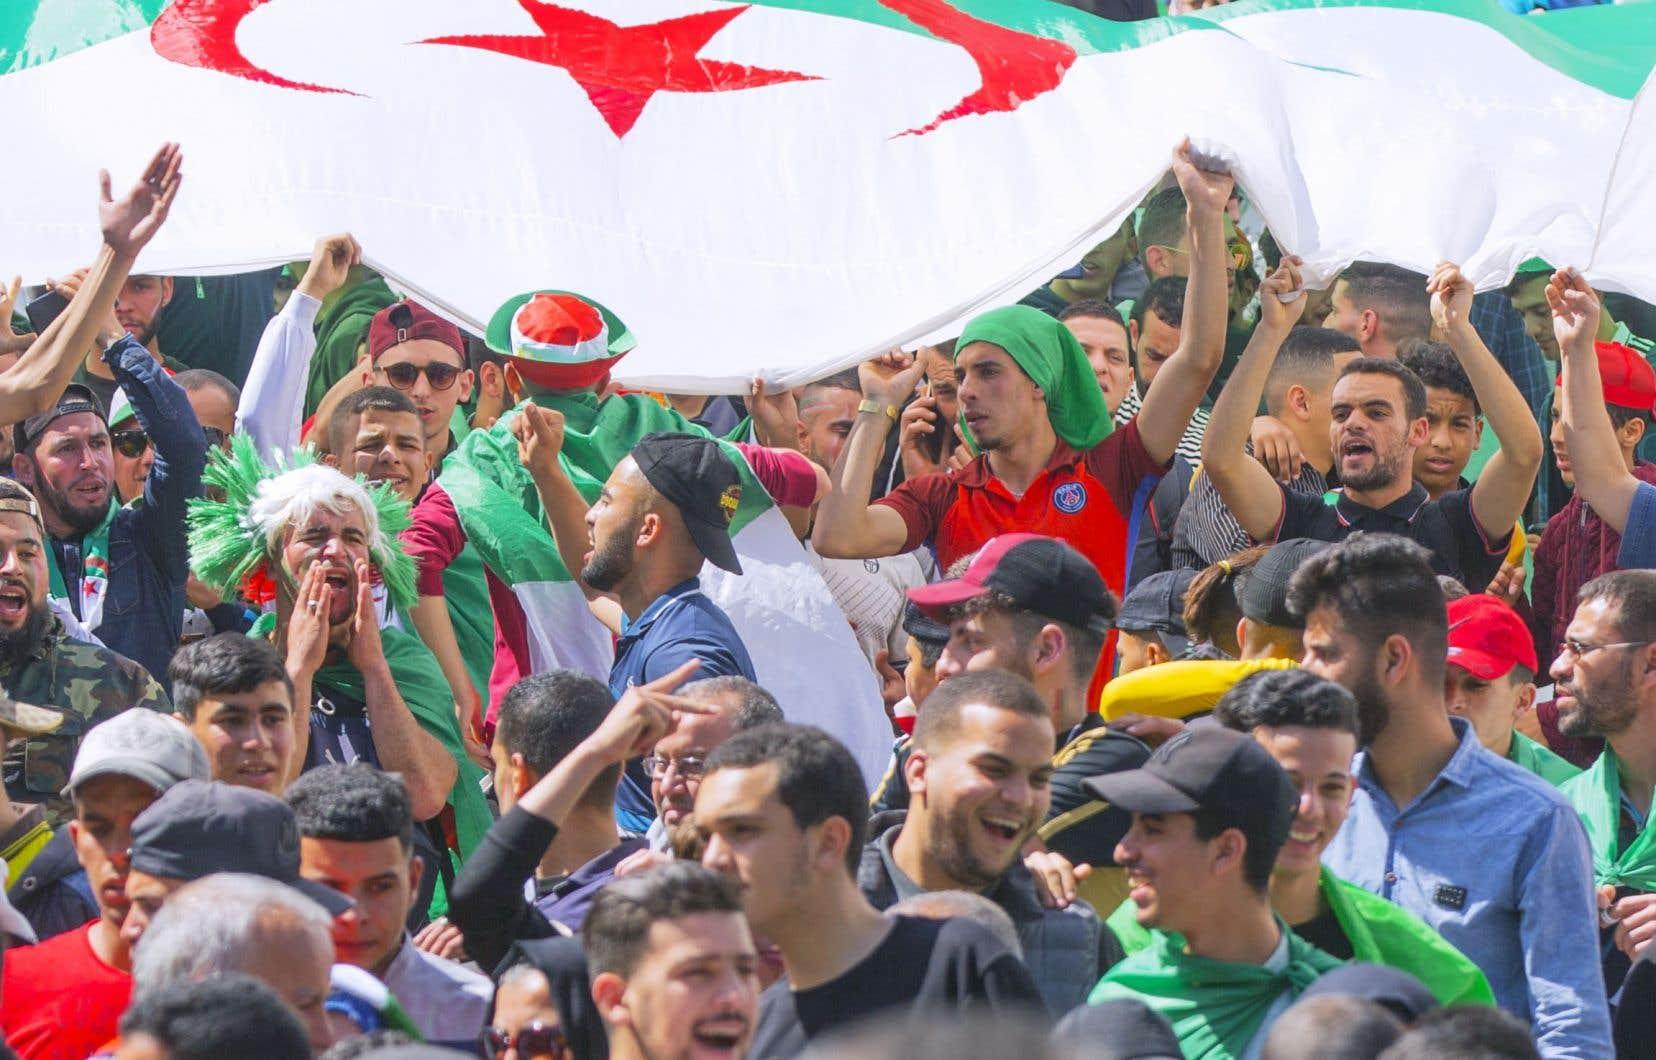 Les manifestations du vendredi en Algérie ont entraîné le départ du pouvoir d'Abdelaziz Bouteflika et déclenché une campagne contre la corruption.